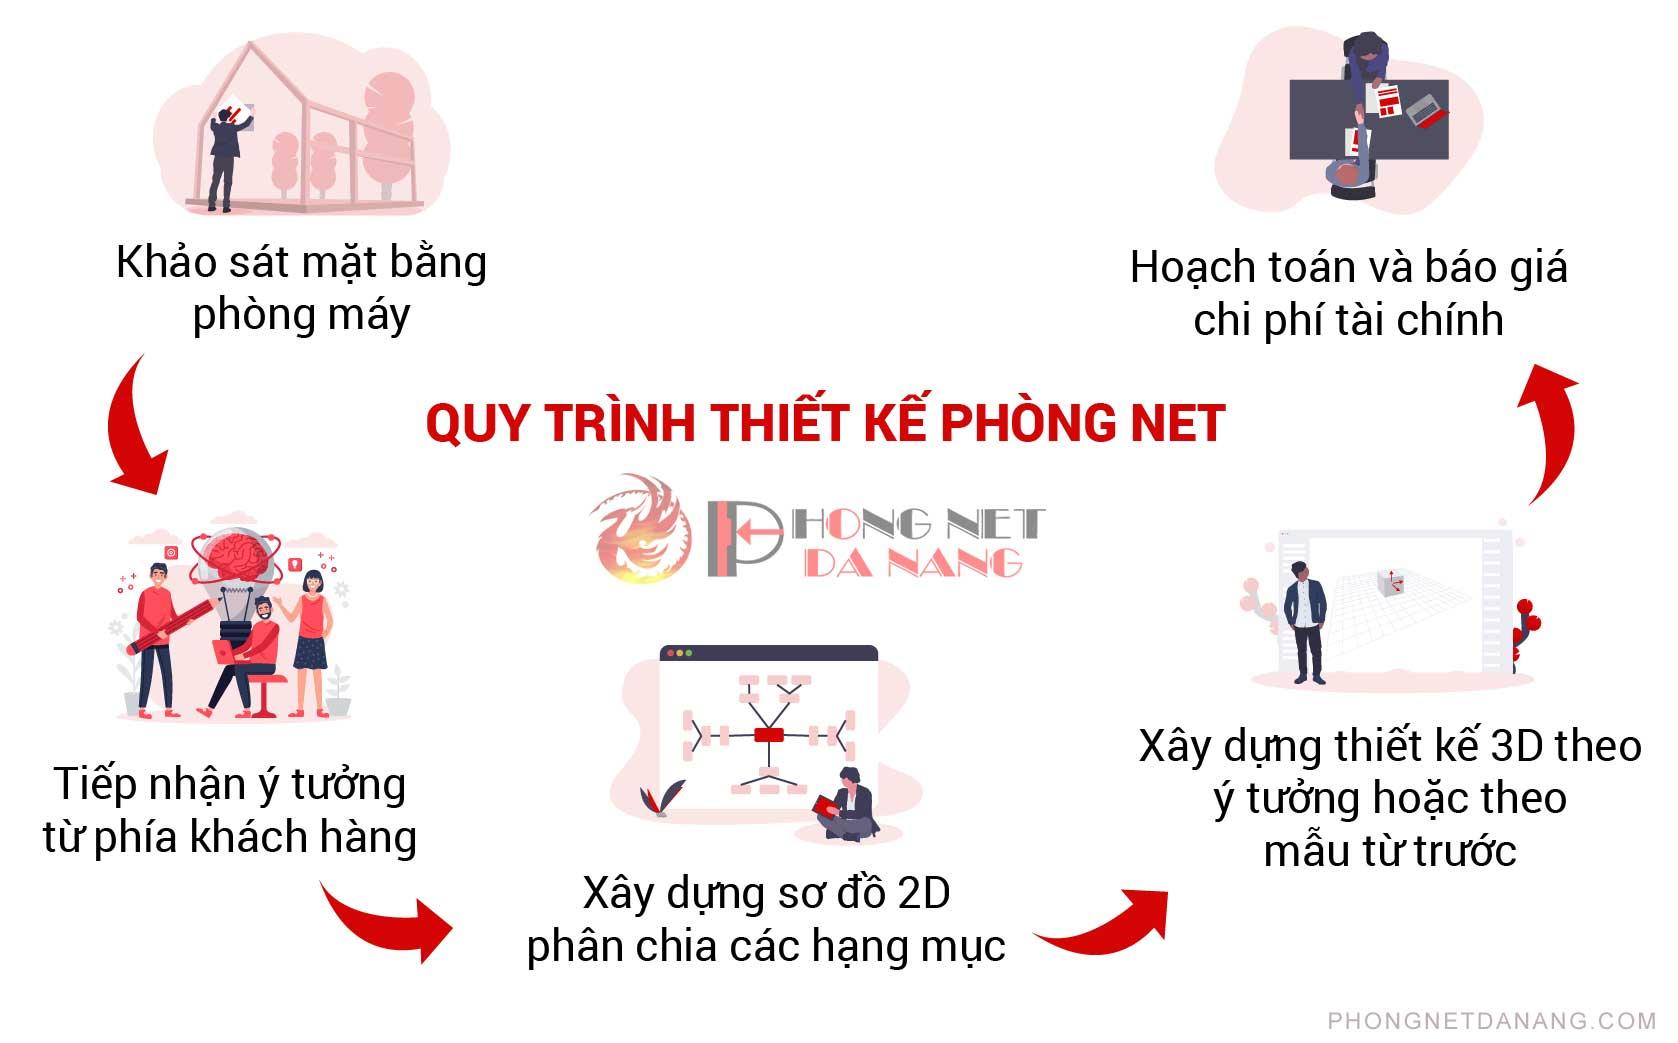 thiet-ke-noi-that-phong-net-gia-re-tai-da-nang-phongnetdanang.com,